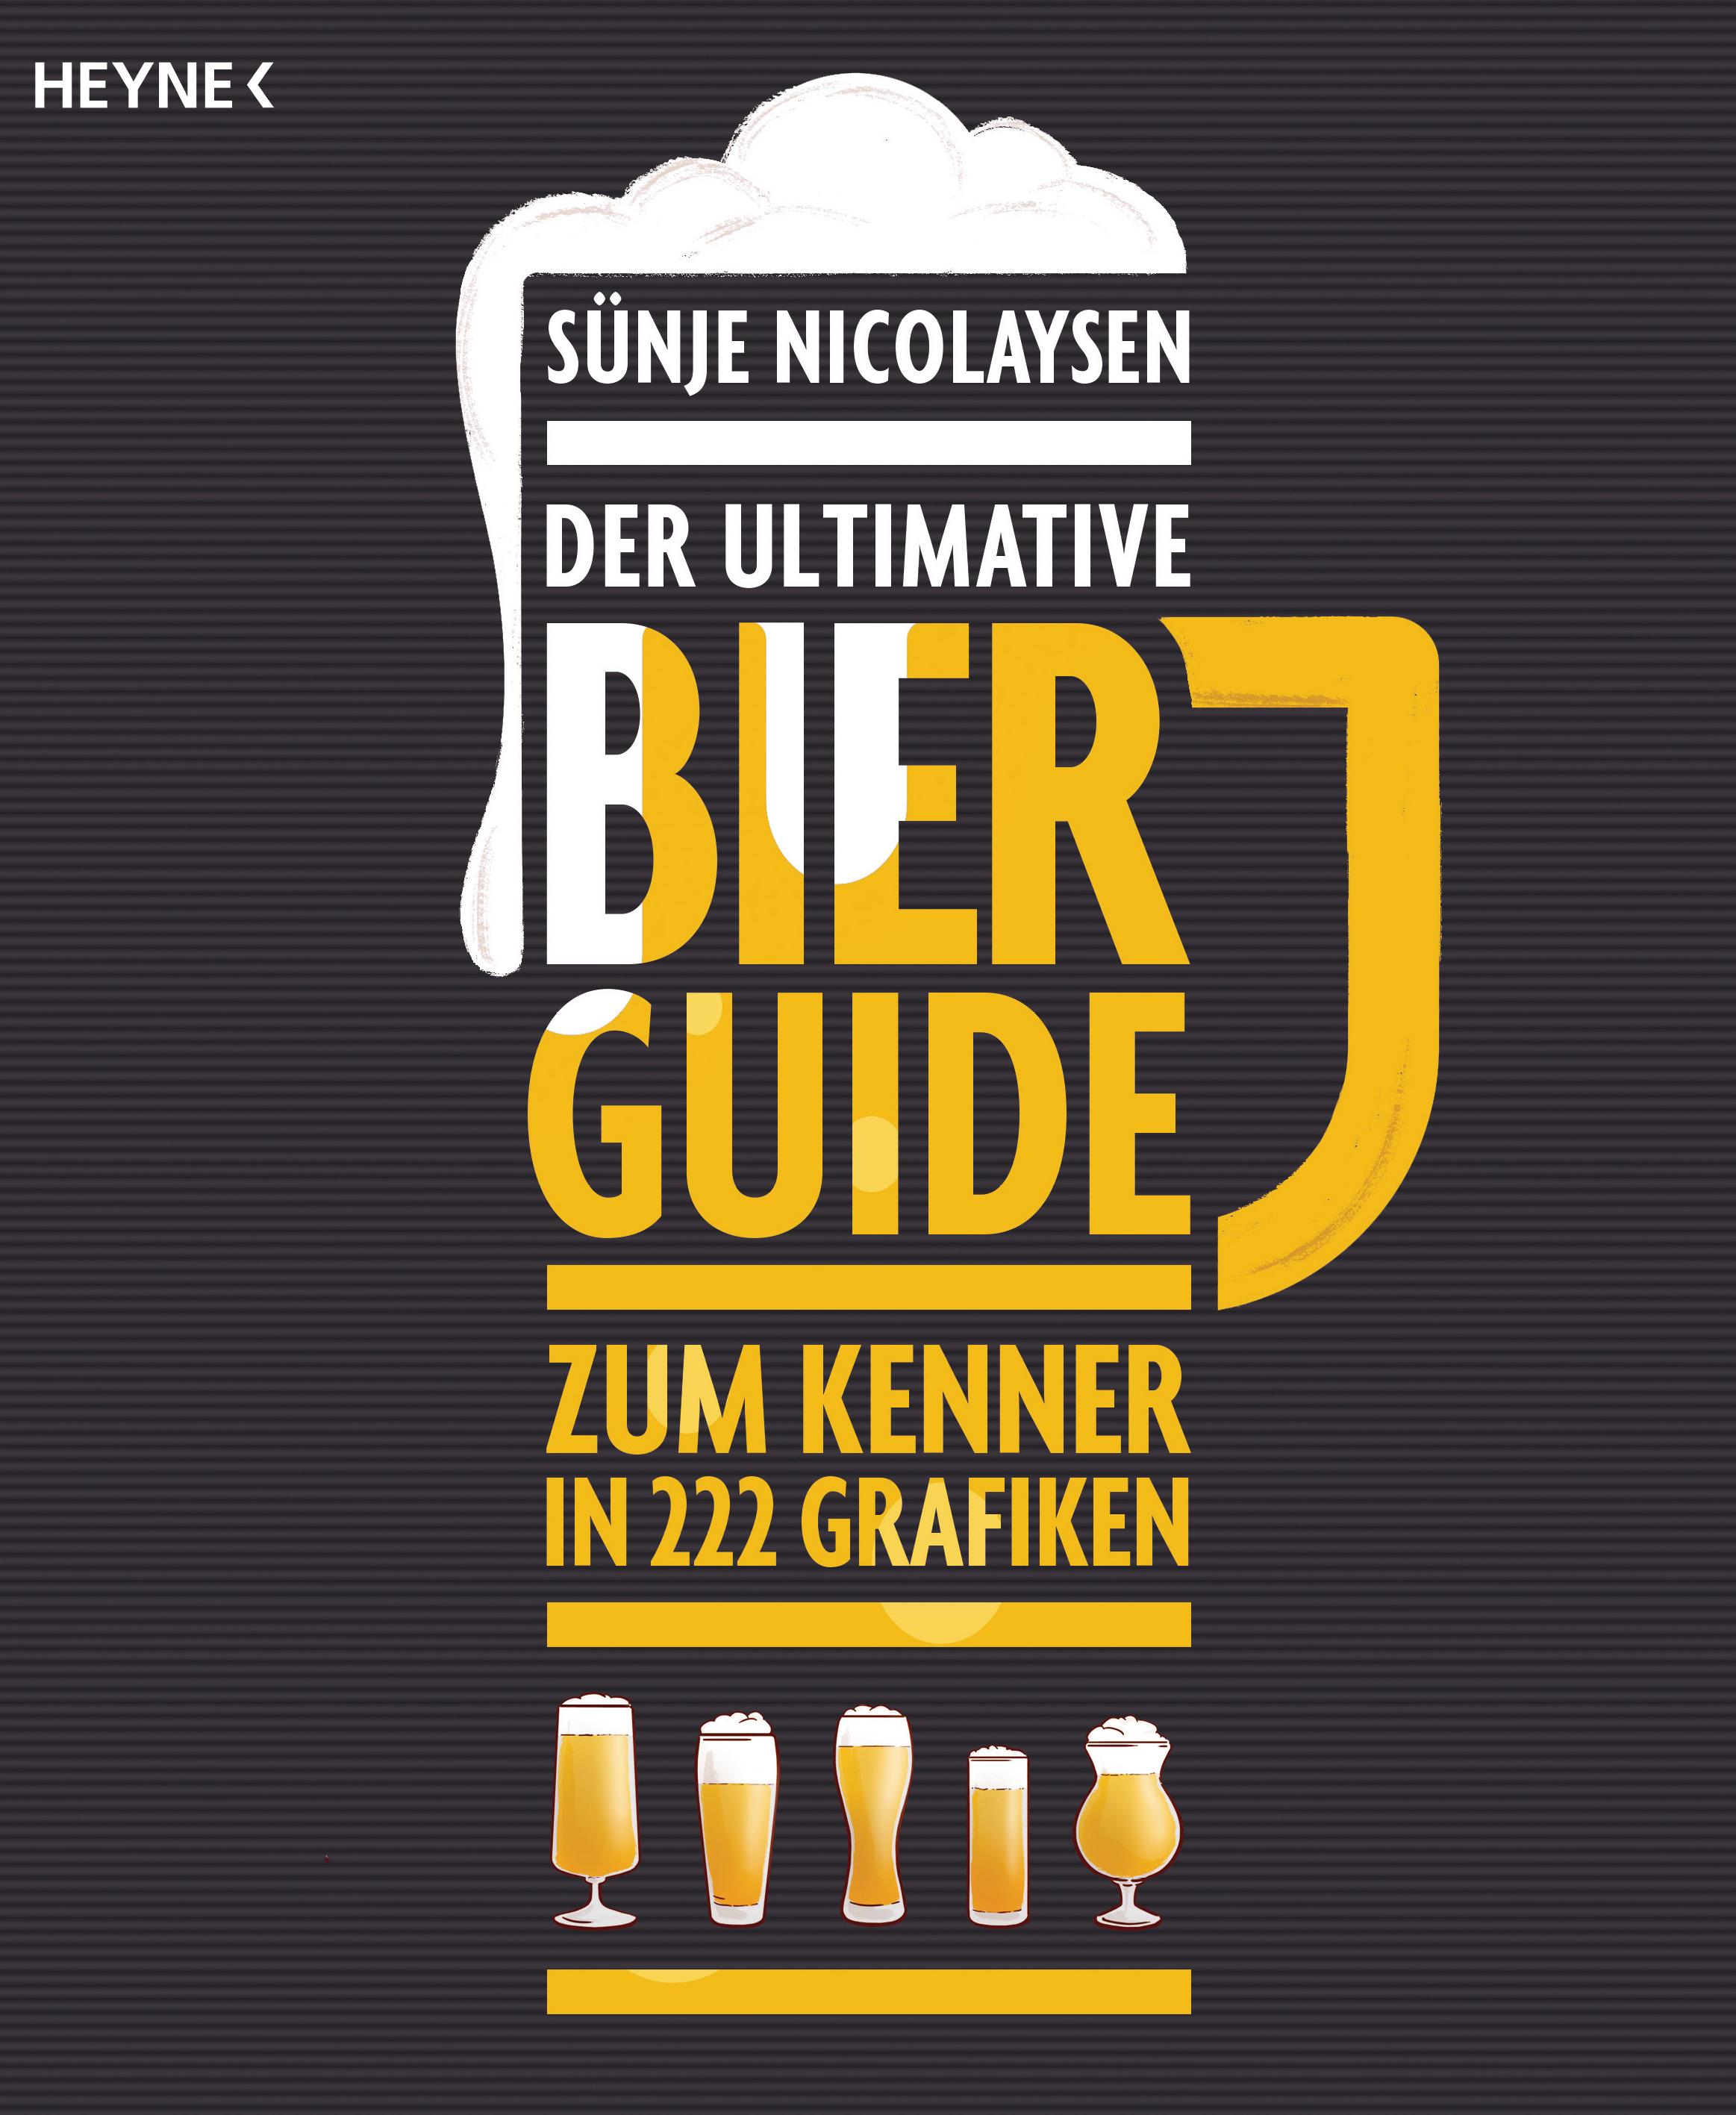 Der ultimative Bier-Guide von Suenje Nicolaysen HHopcast Interview Verlosung